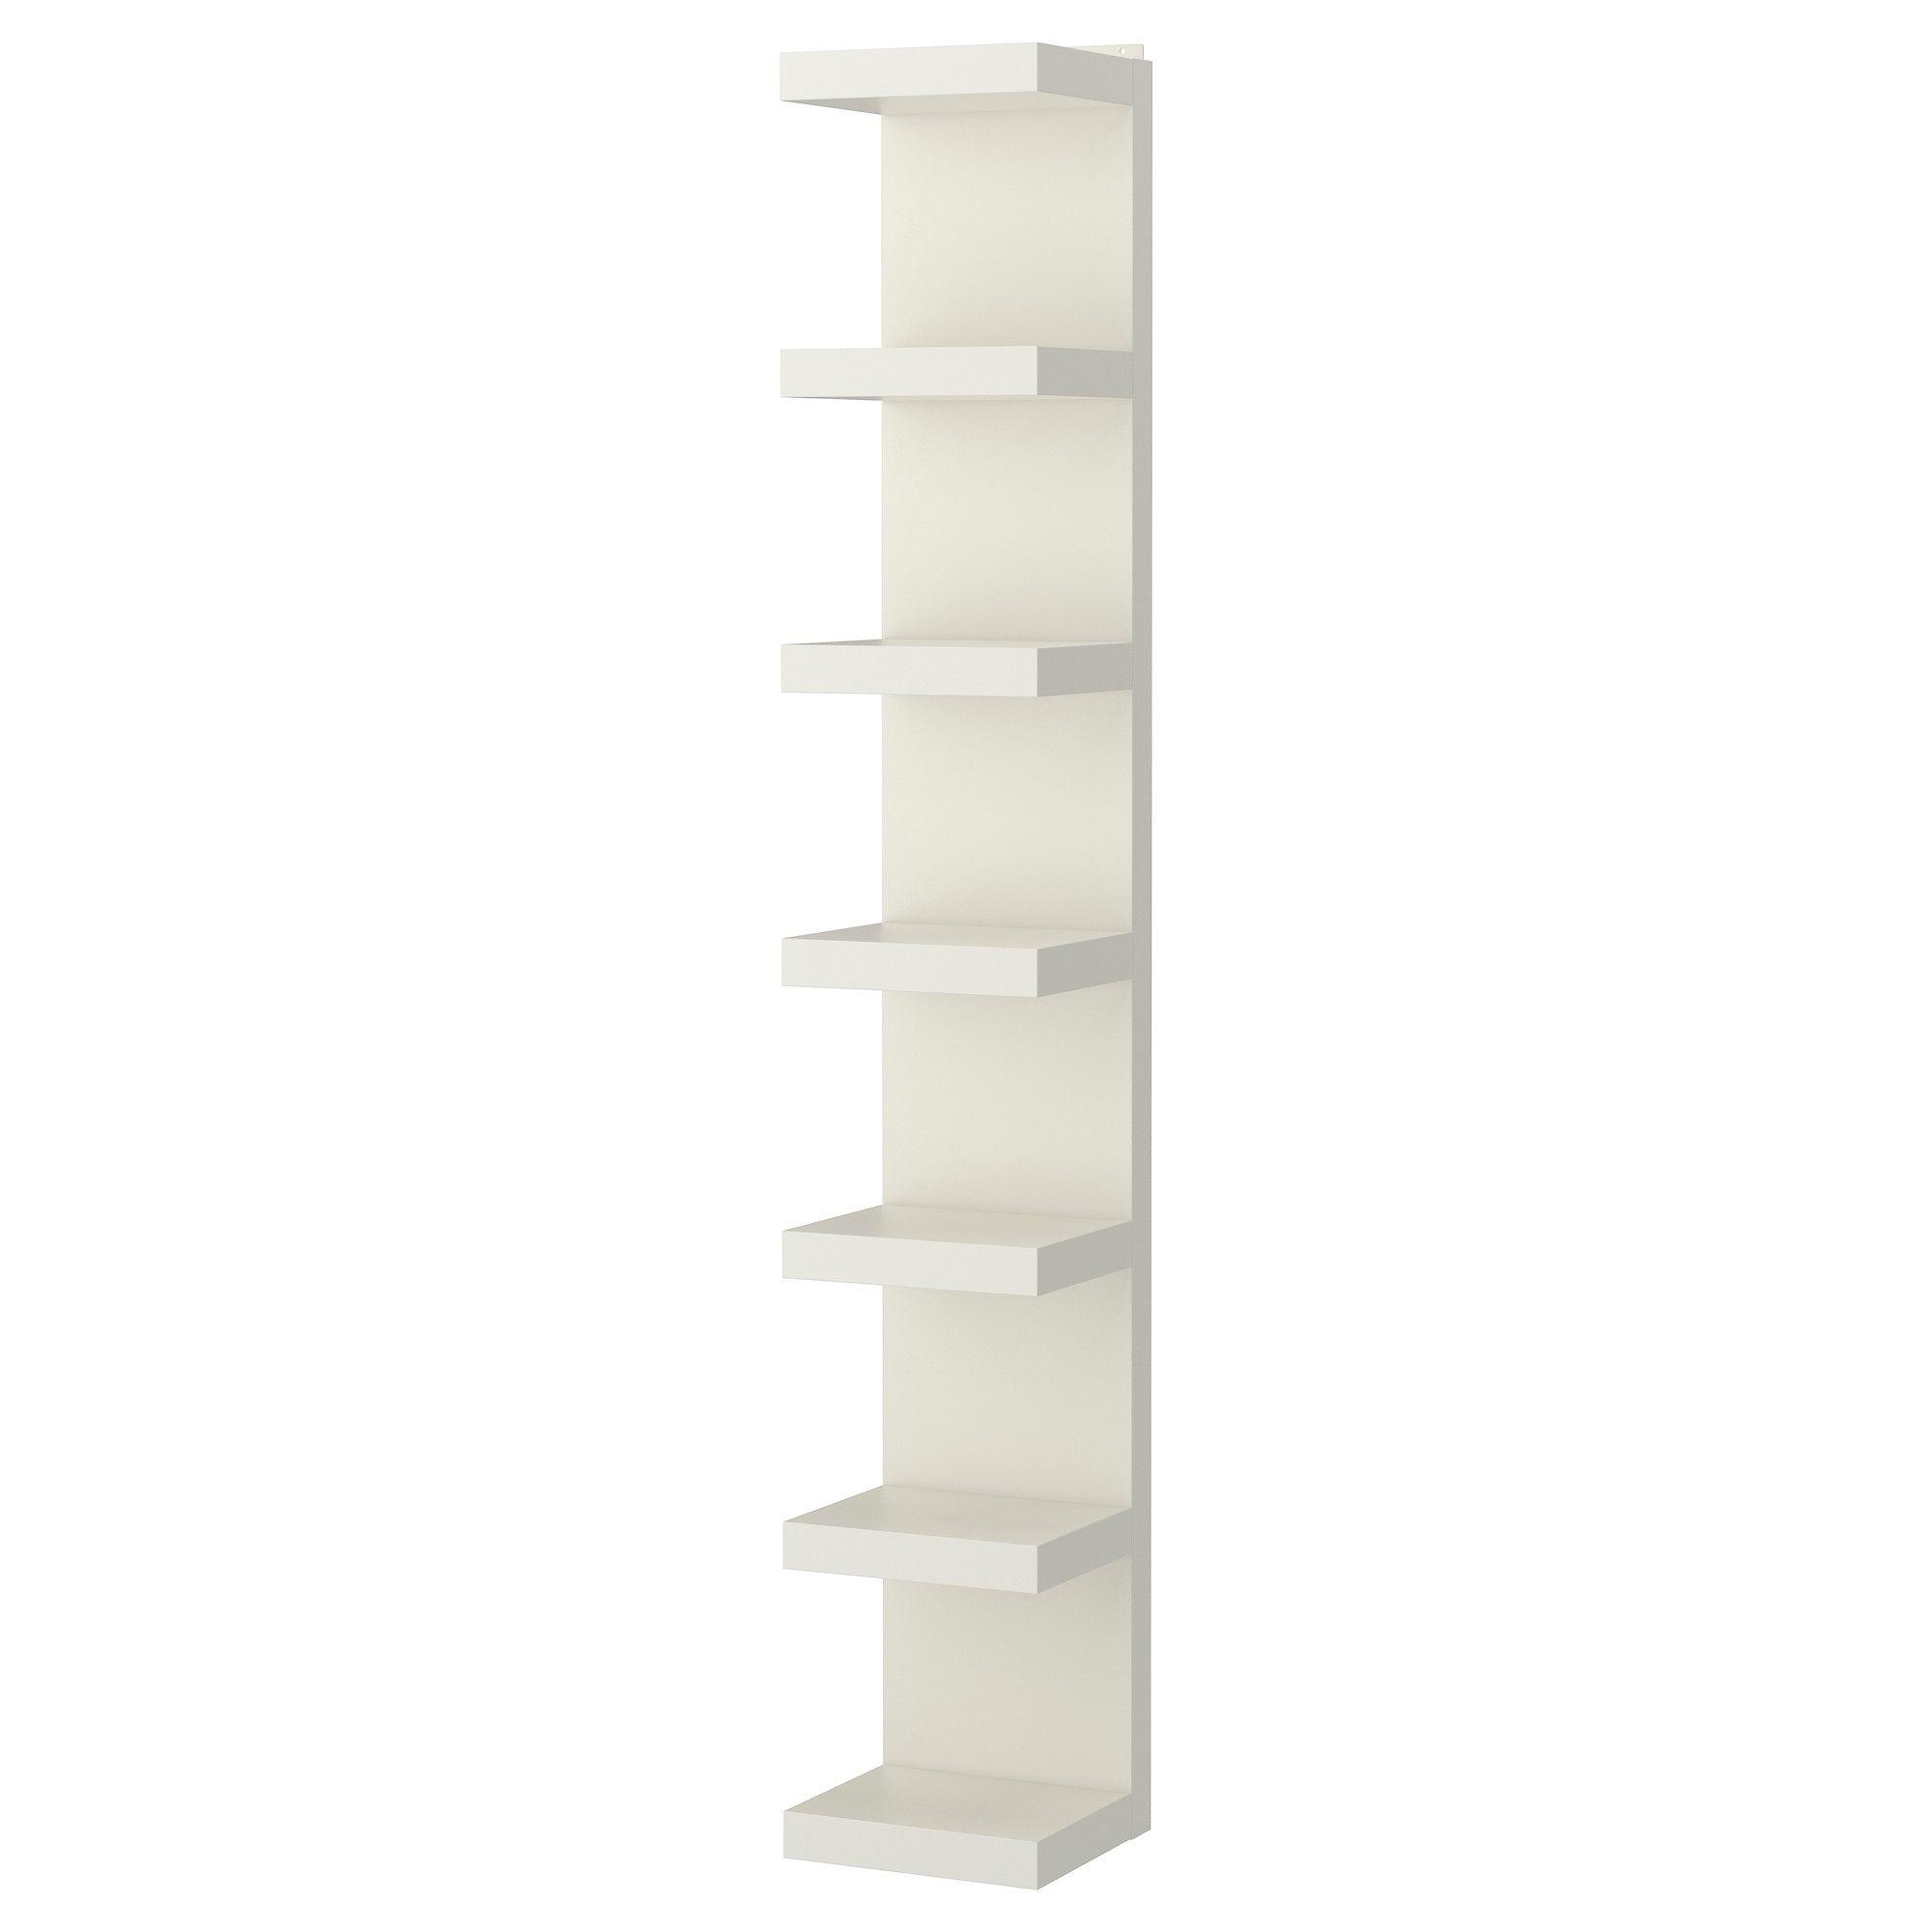 Lack tagre murale blanc wall shelf unit shelves and walls lack tagre murale blanc white ikea kitchenbookshelves ikeanarrow shelveswall amipublicfo Gallery